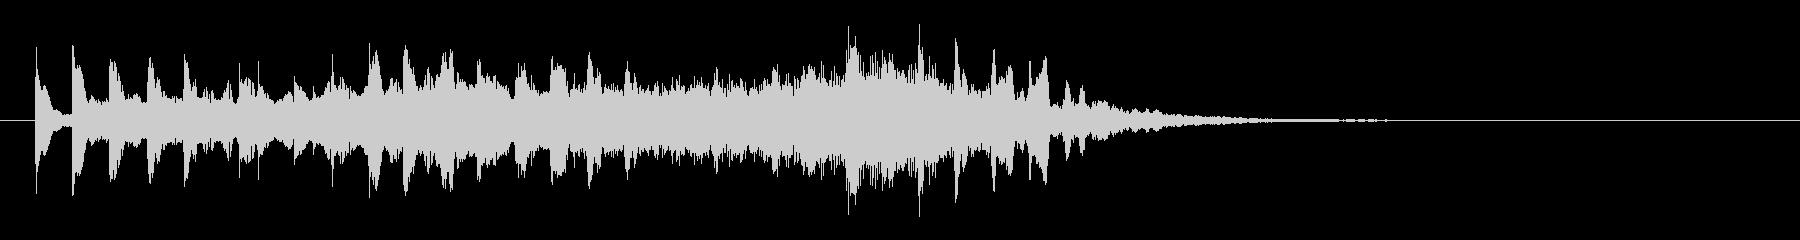 ヒーリング系のサウンドロゴの未再生の波形